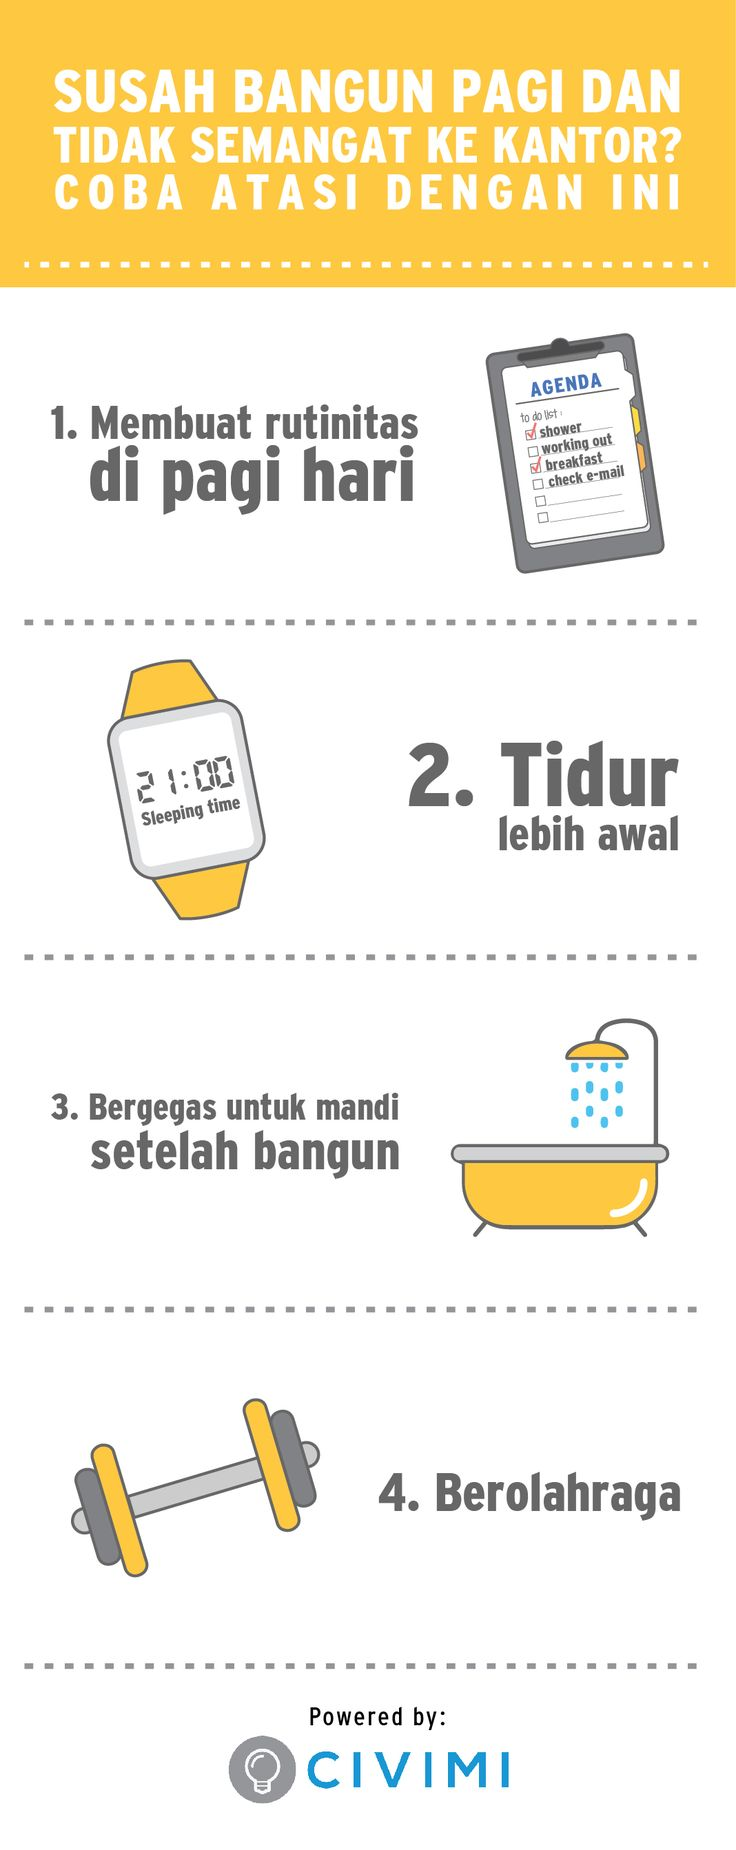 Susah Bangun Pagi dan Tidak Semangat ke Kantor? Coba Atasi dengan Ini (Infographic)